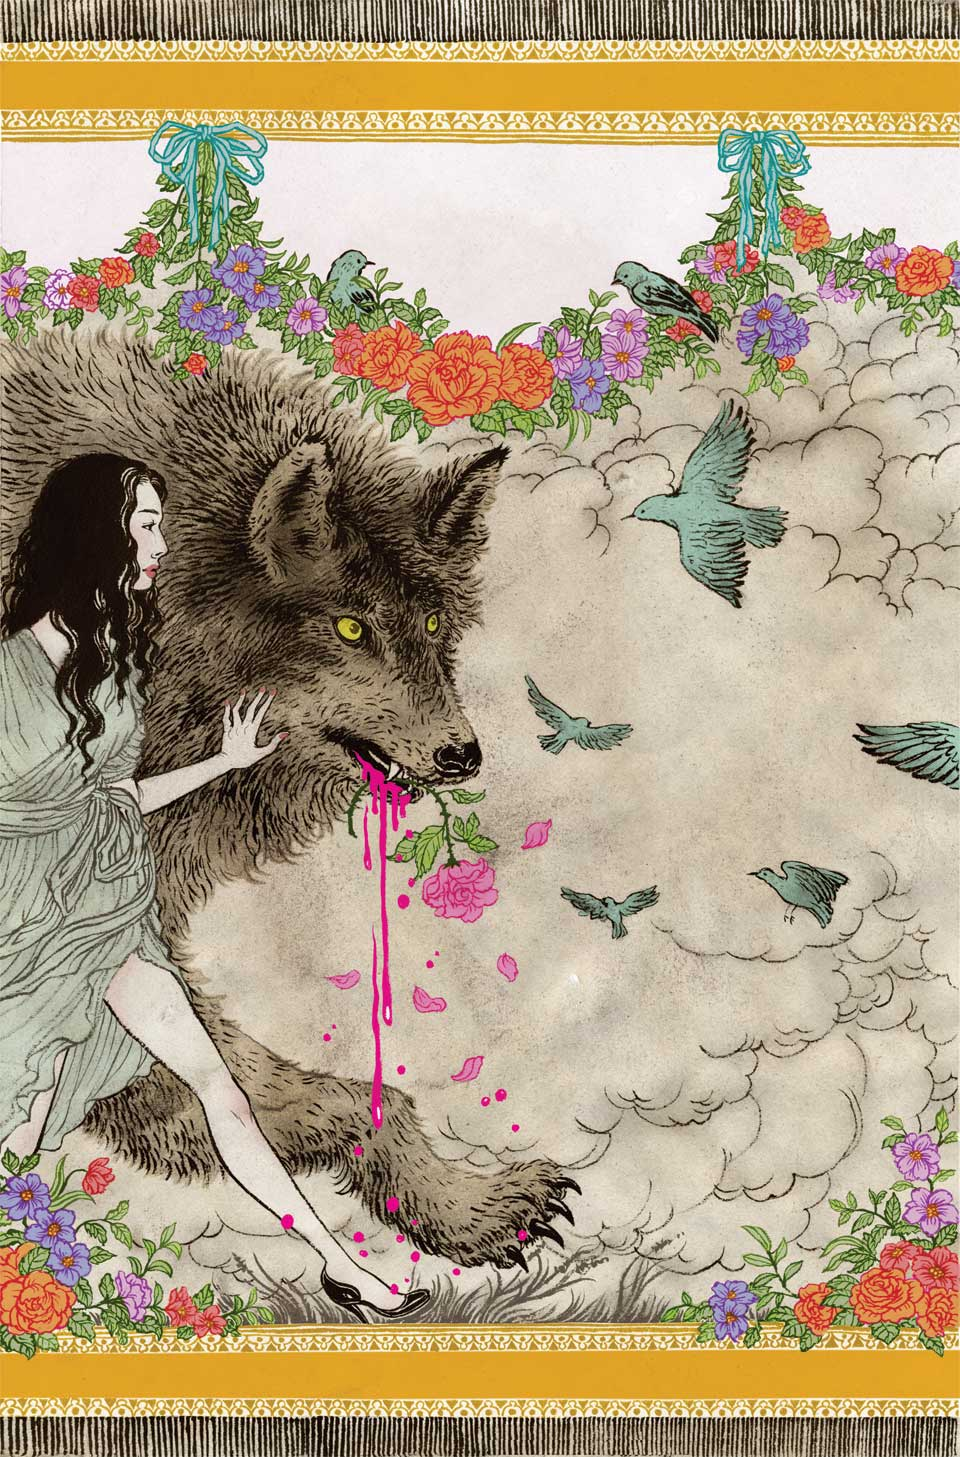 yuko shimizu illustration oldskull-9